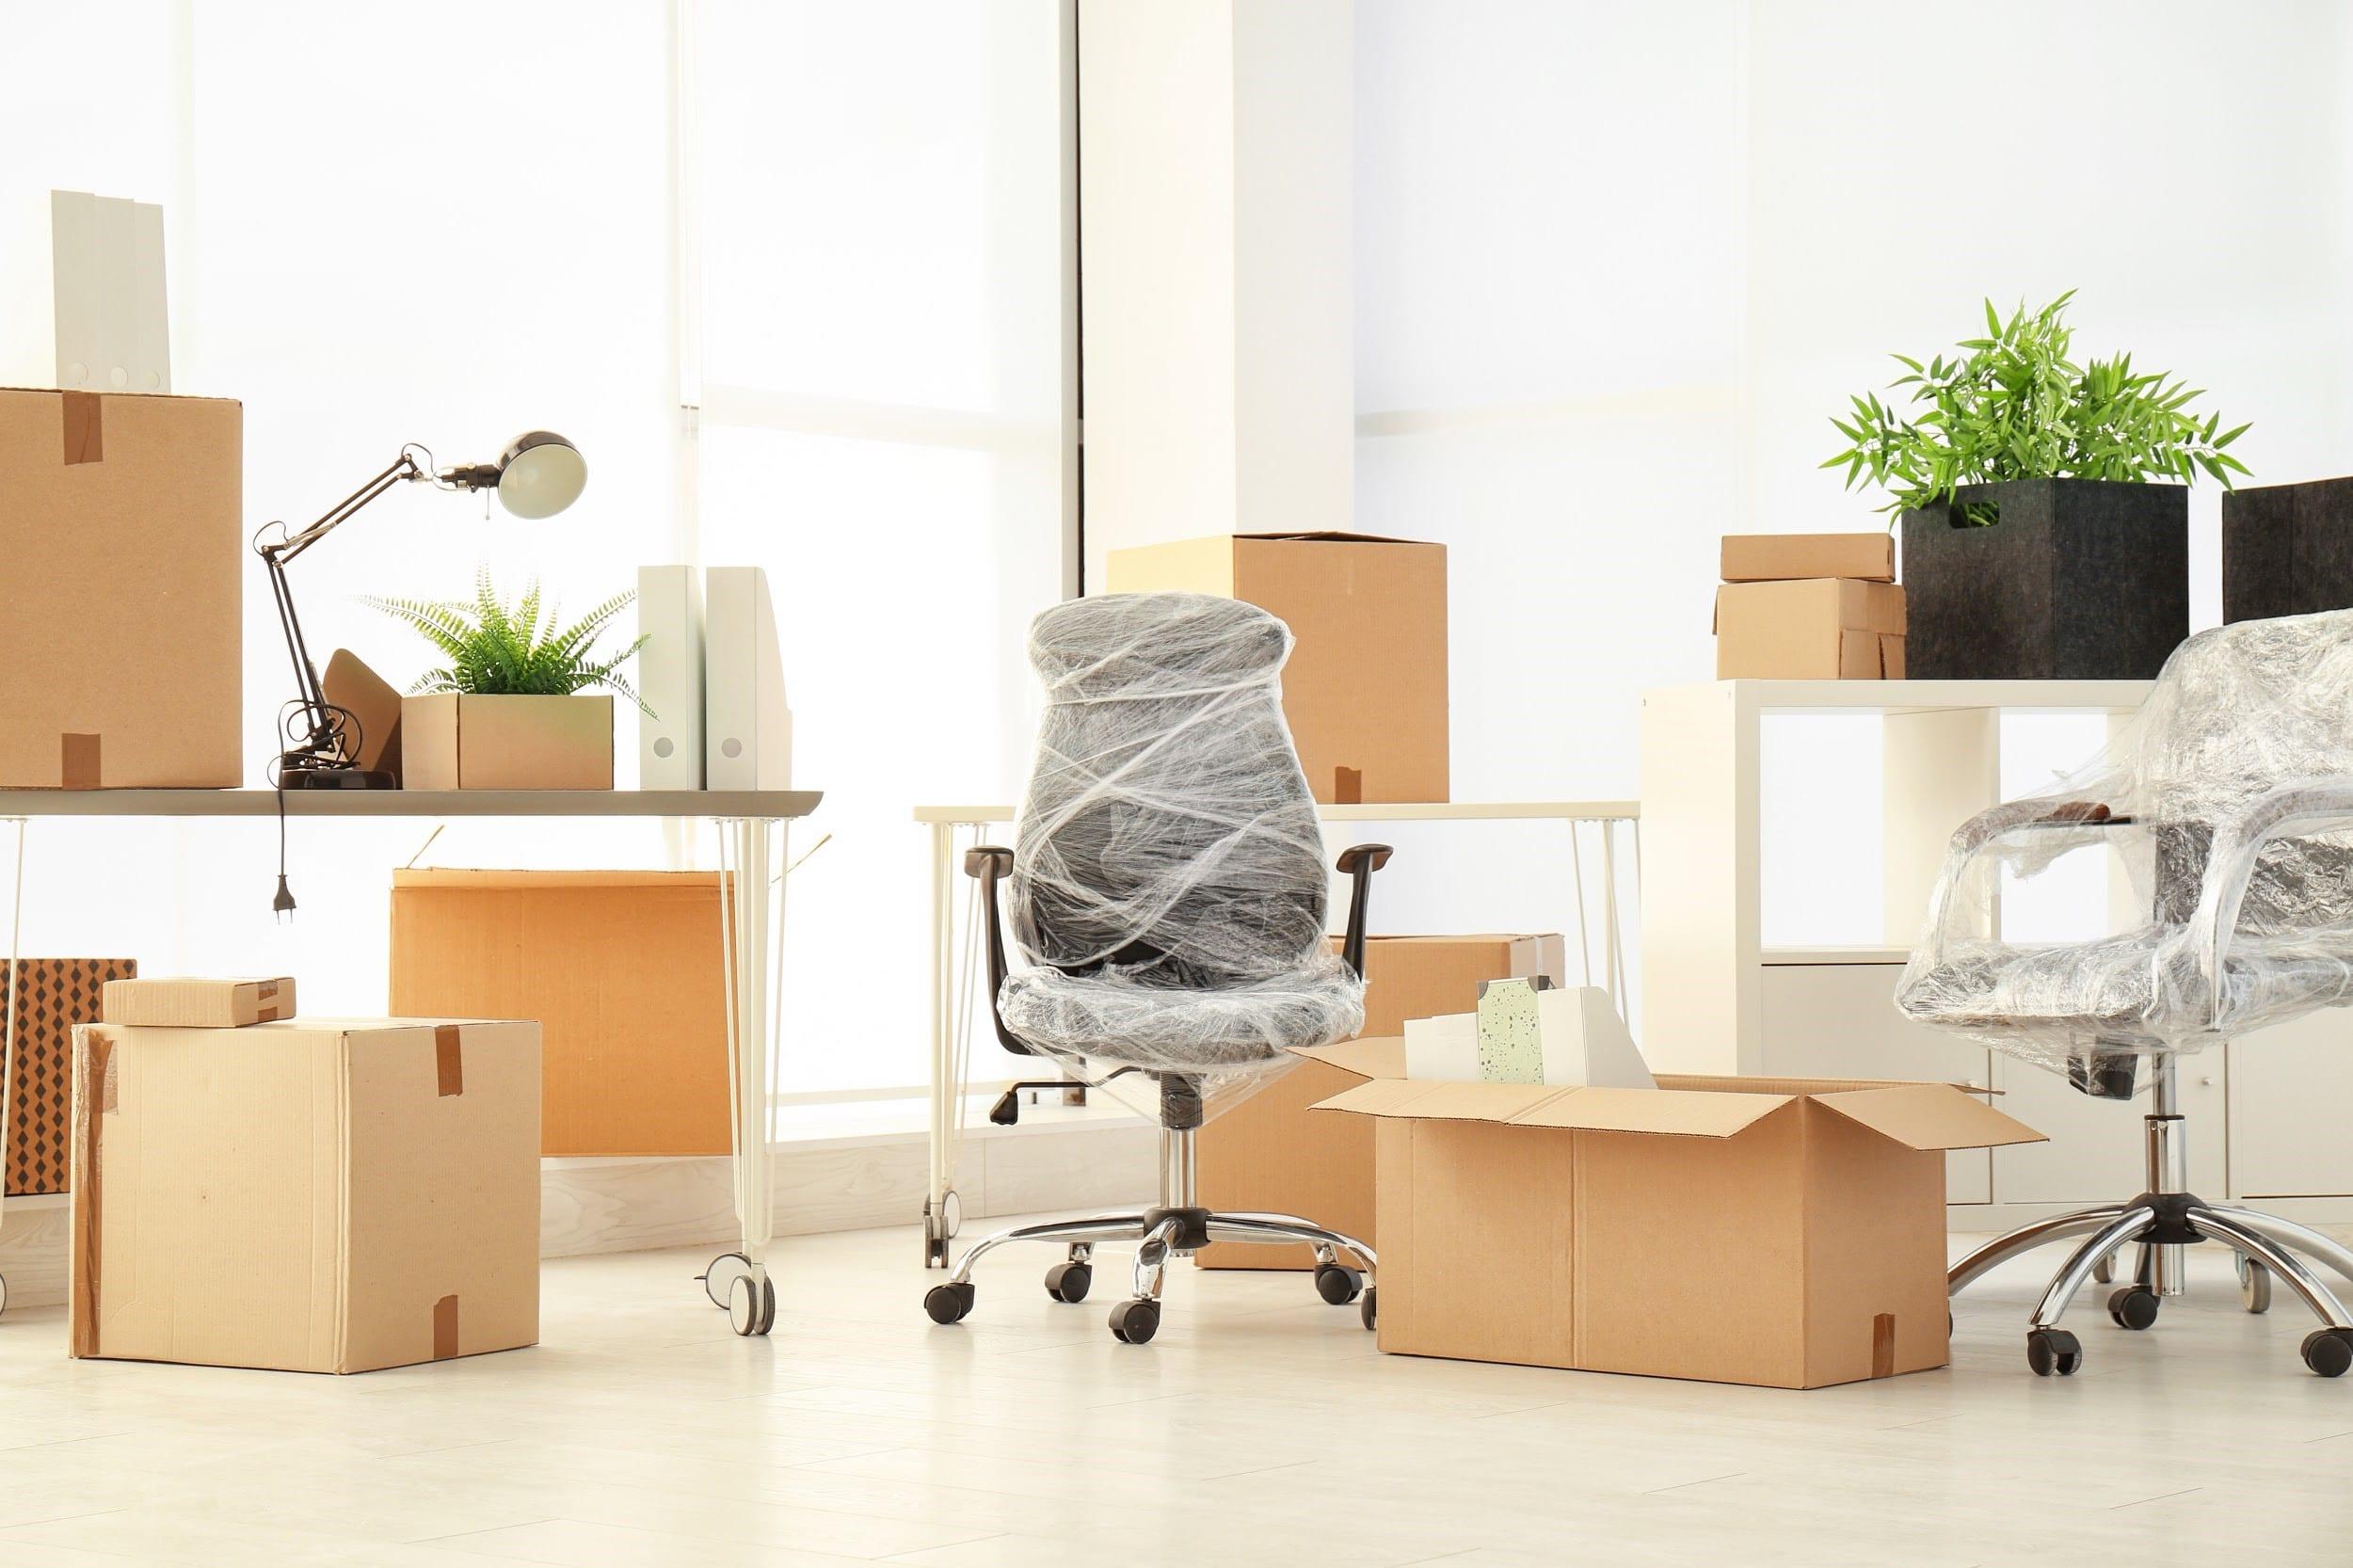 Déménagement professionnel : quelles démarches administratives réaliser?